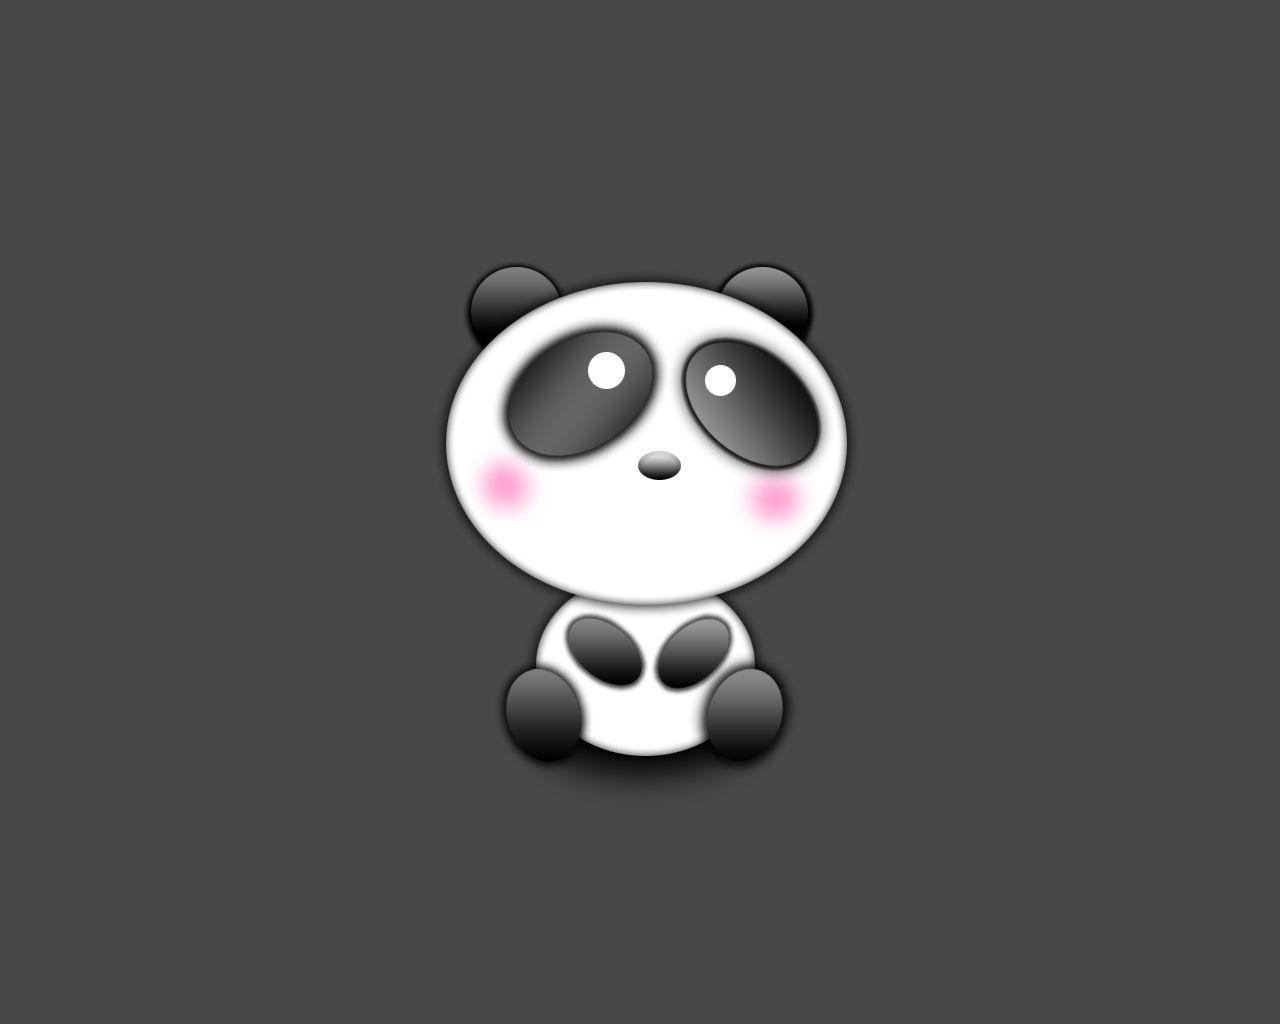 cute panda wallpapers wallpaper cave